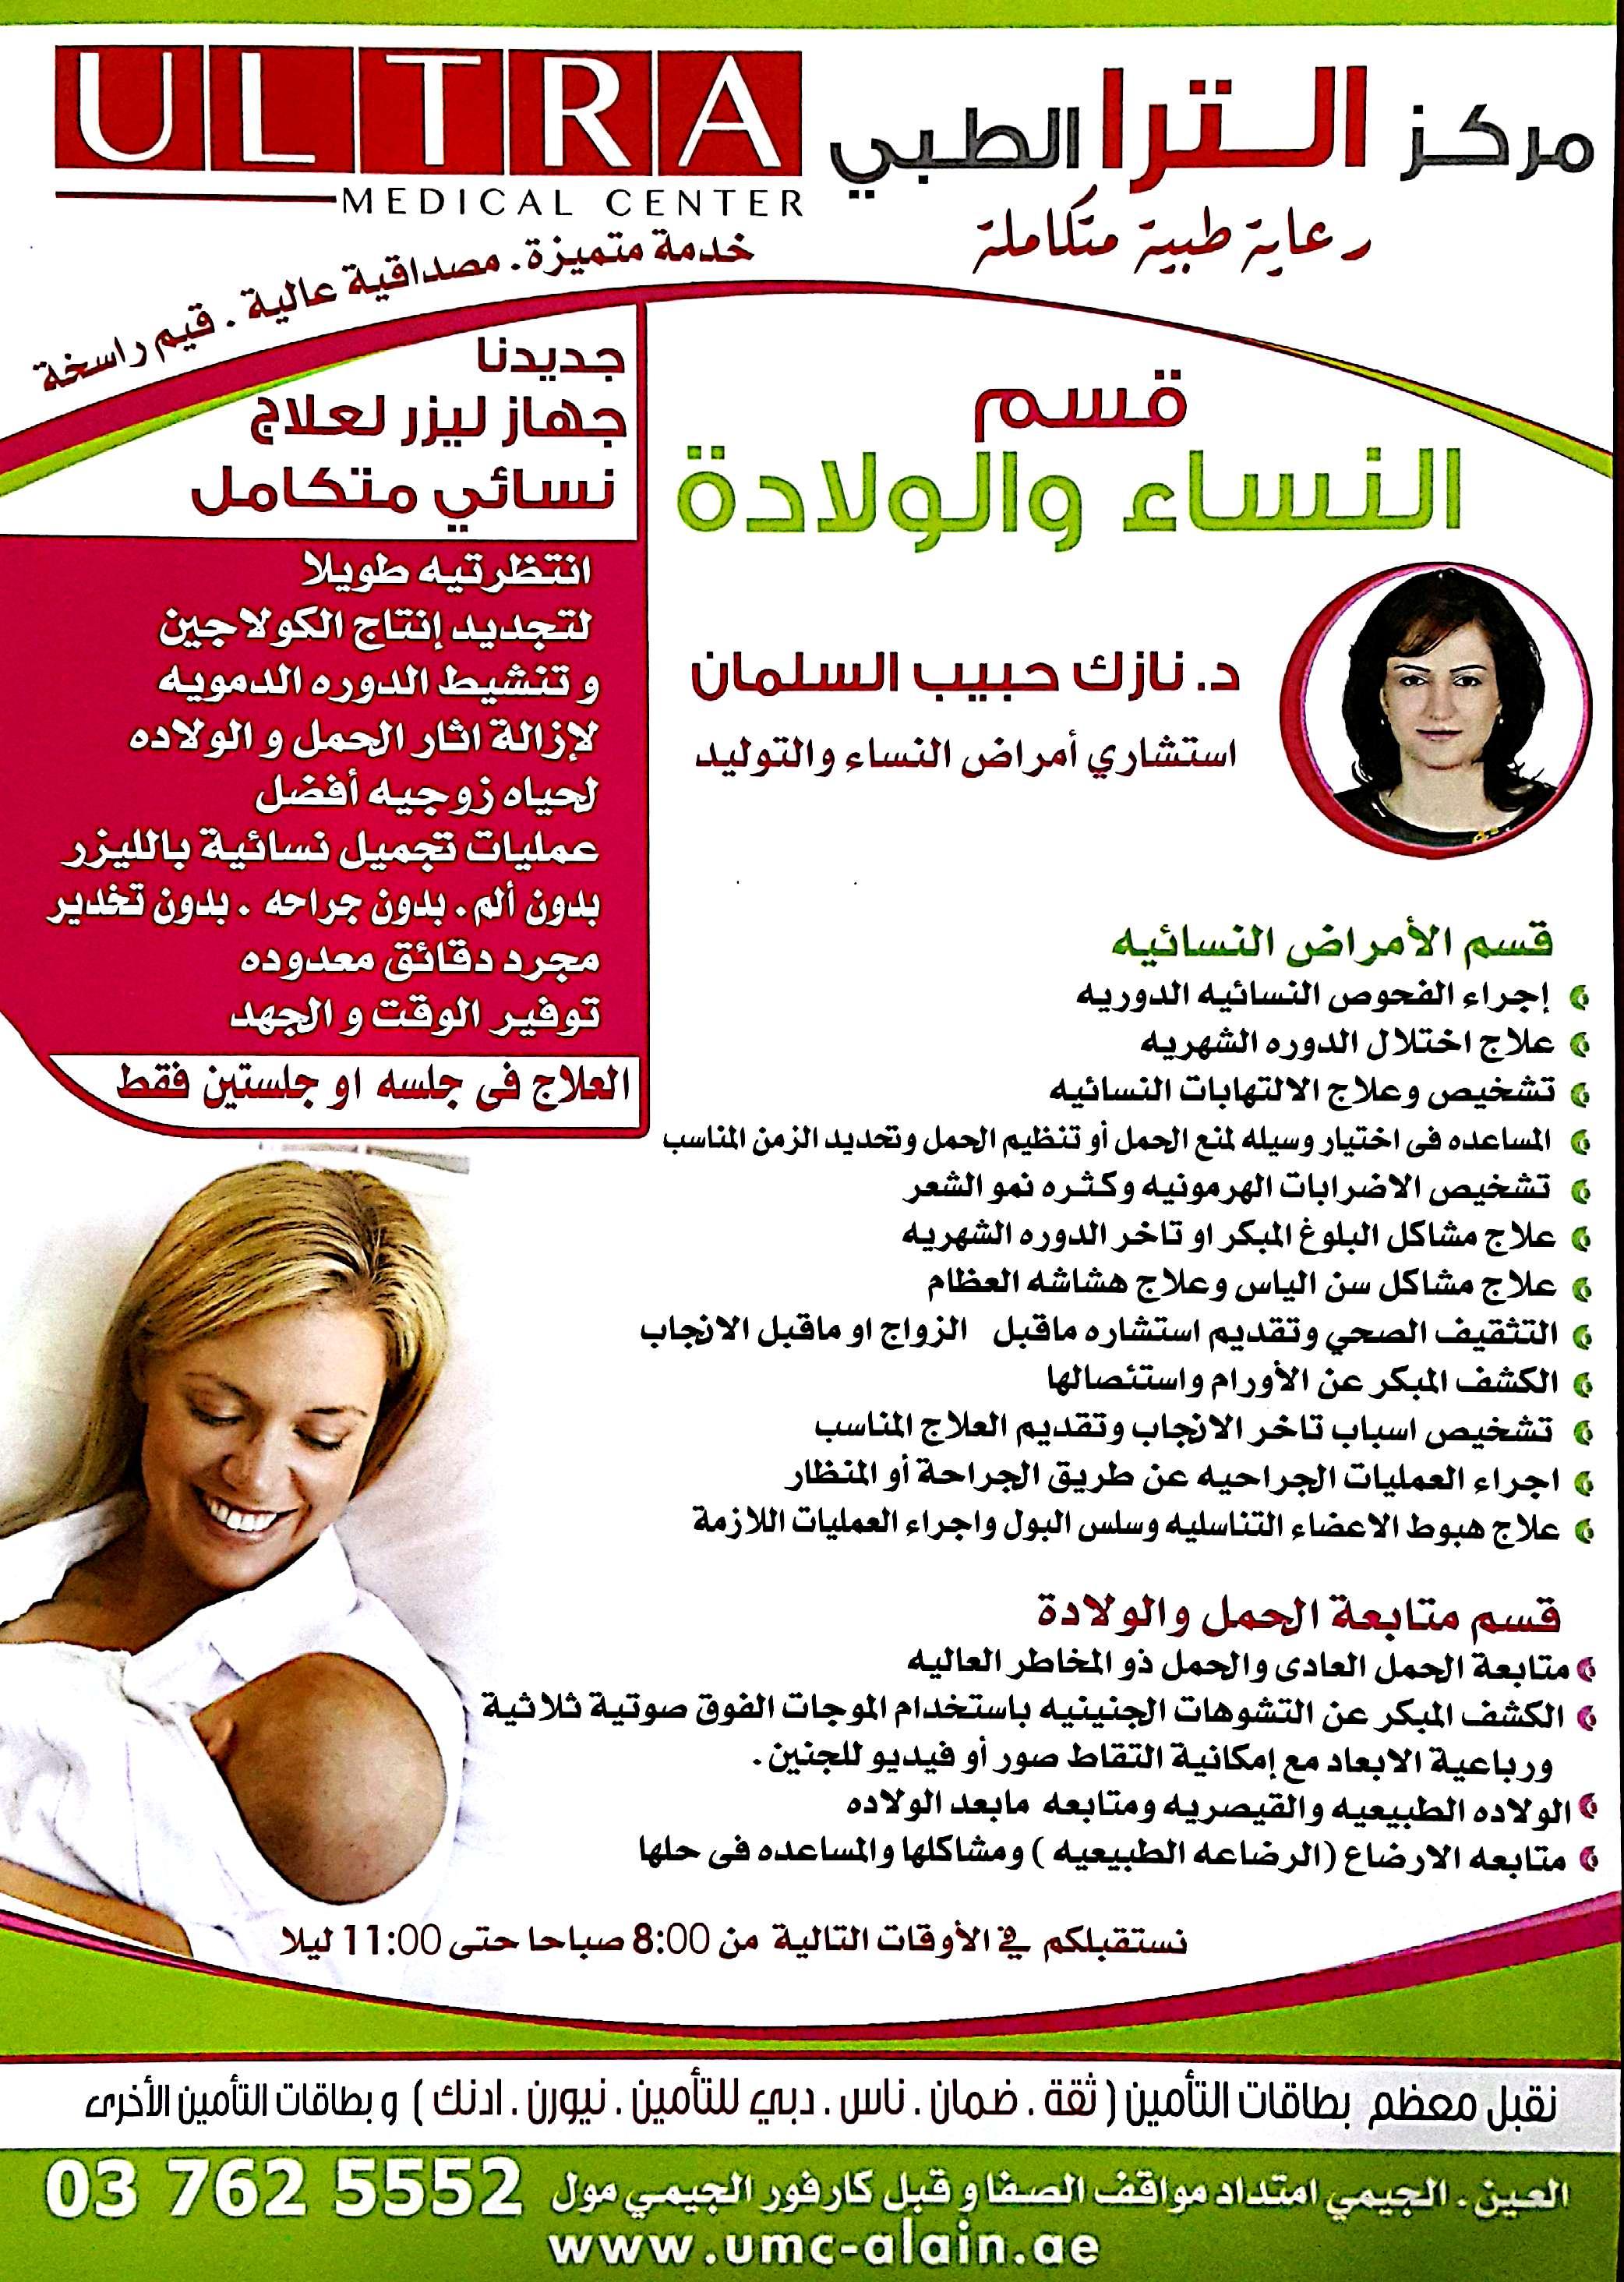 مركز الترا الطبي بمدينة العين , الجيمي 037625552 P_509kcq1i1